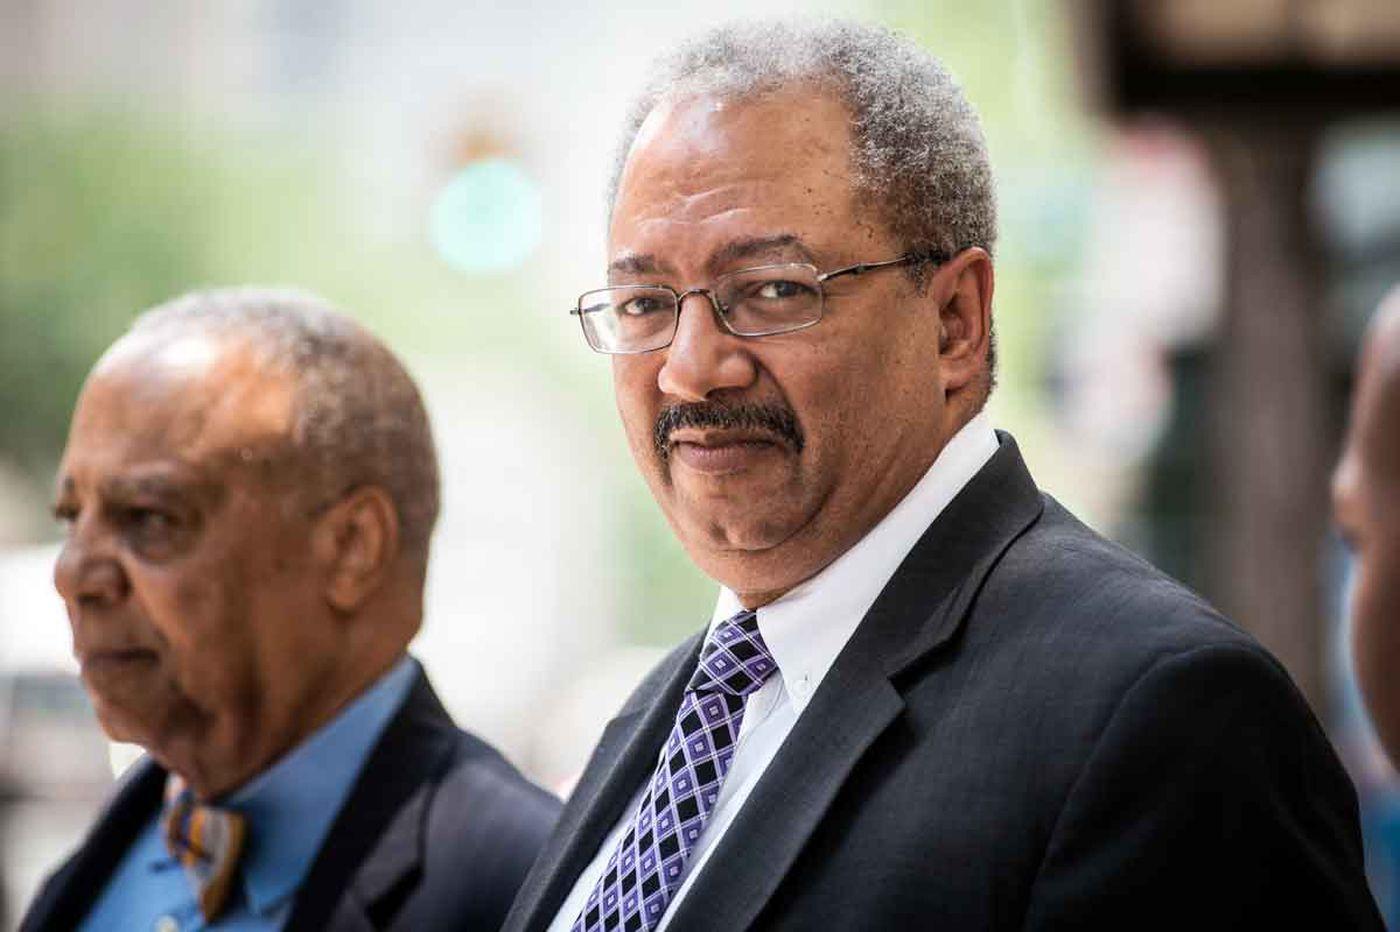 In face of uproar, Fattah resigns effective immediately